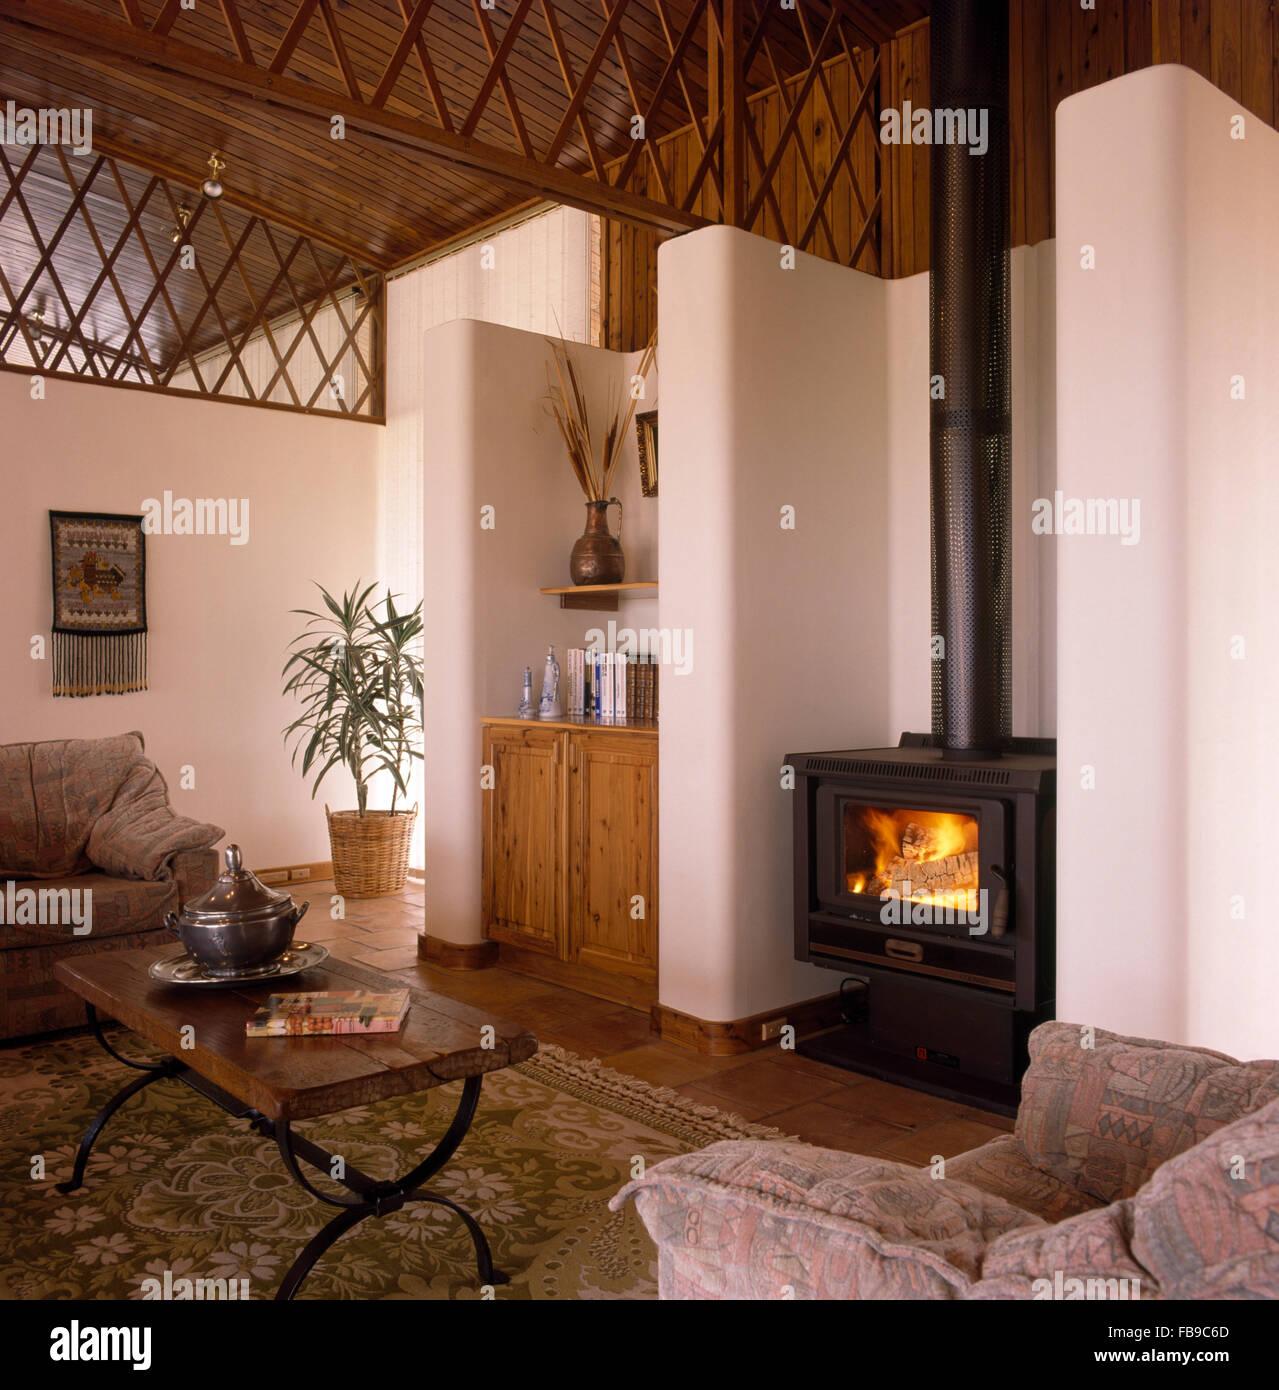 Estufa de leña en la sala de estar abierta con calados de madera ...